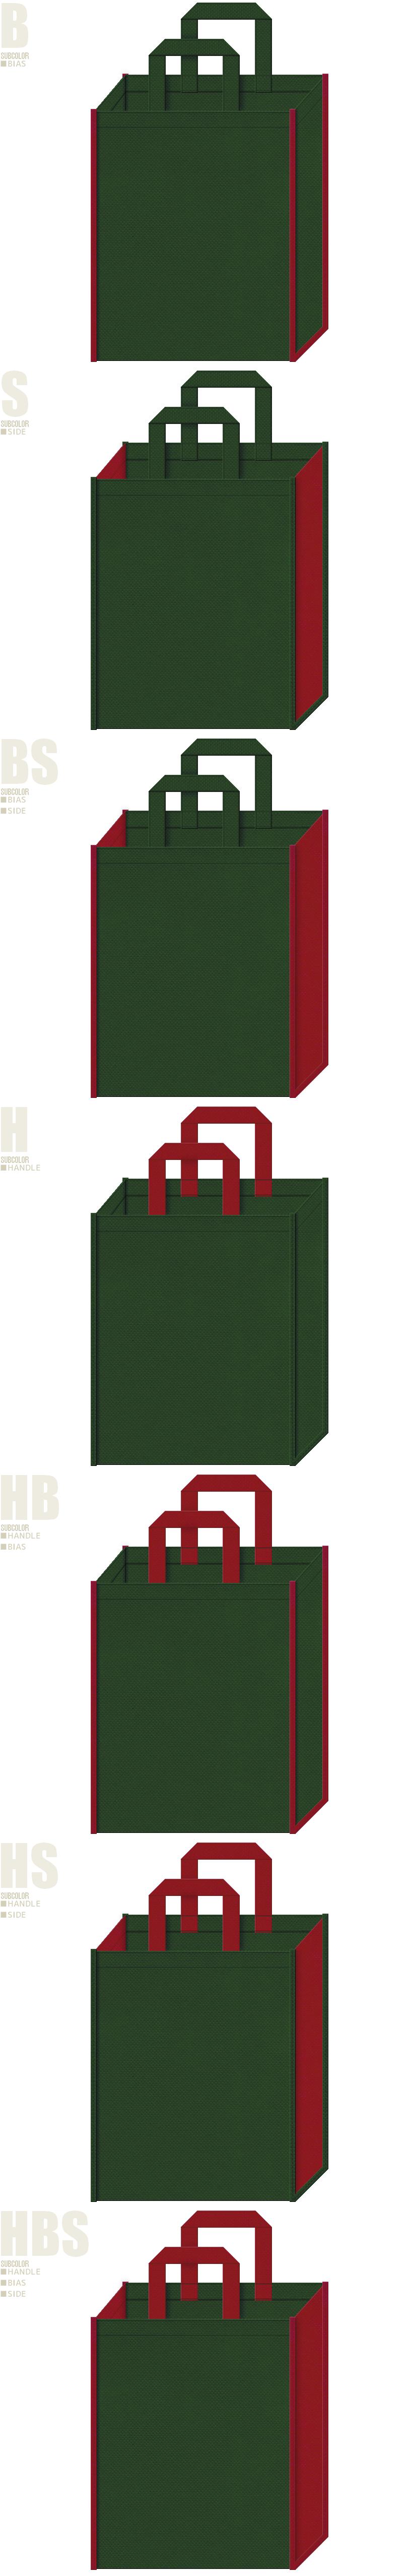 学校・教室・黒板・卒業式・成人式・振袖・着物・帯・写真館・ゲーム・和風催事にお奨めのデザイン:濃緑色とエンジ色の配色7パターン